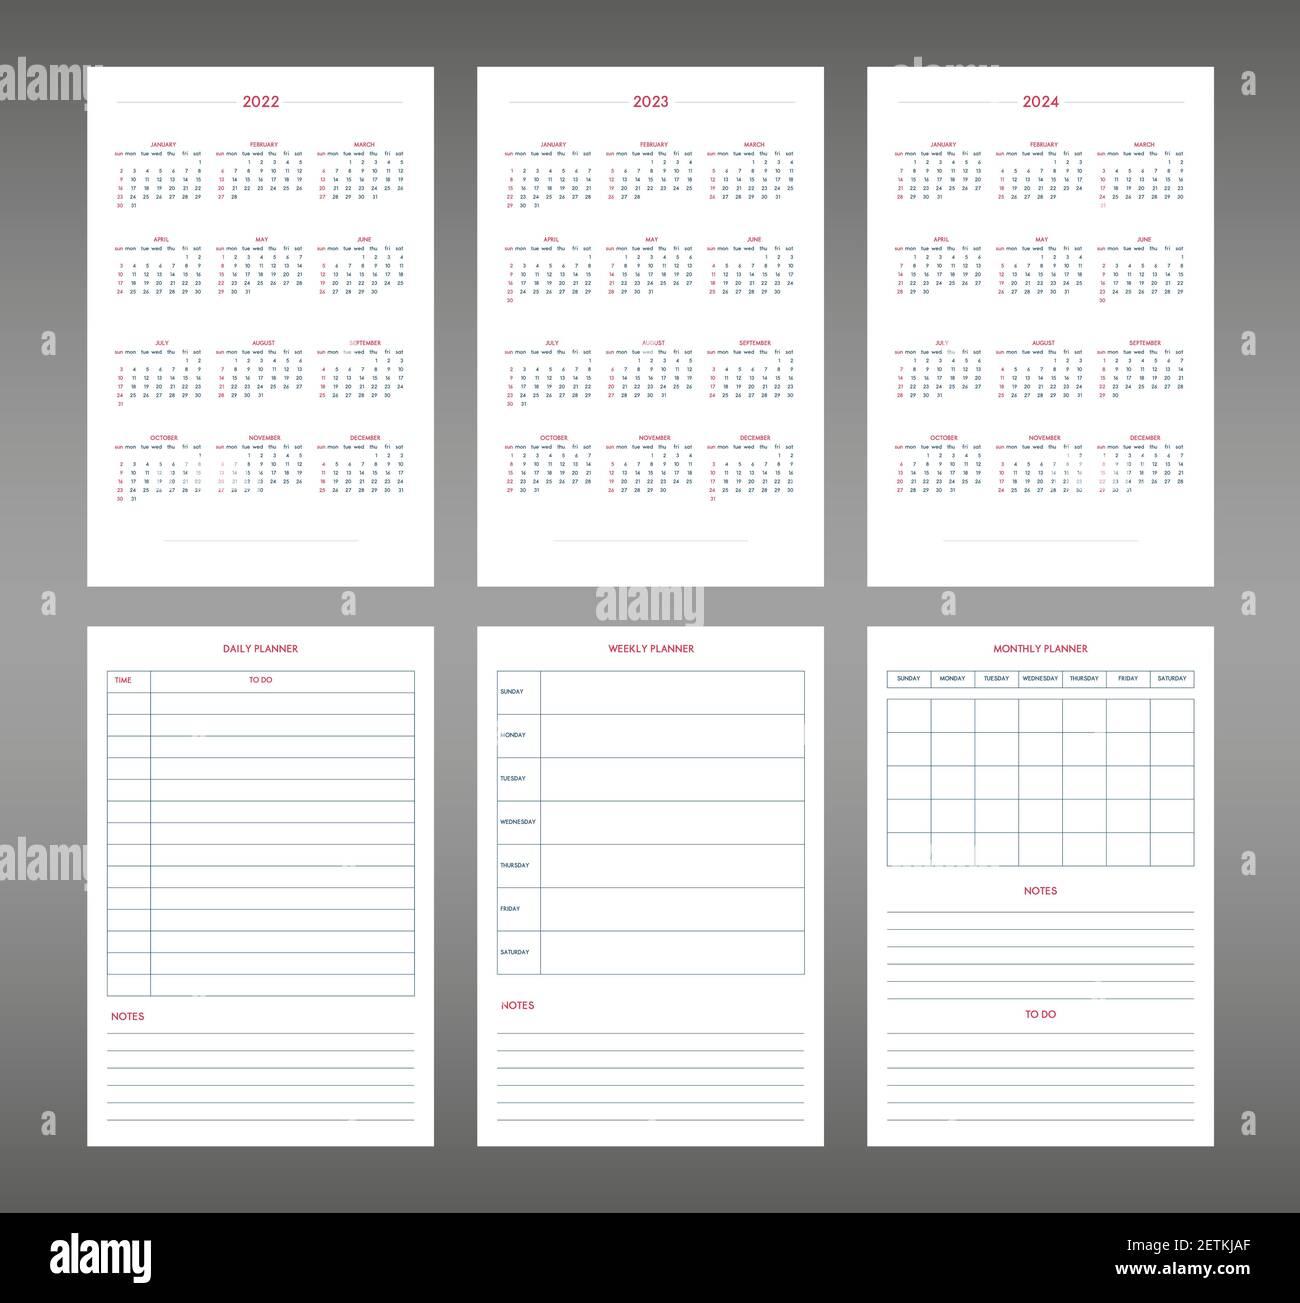 Calendrier Mensuel 2022 2023 2022 2023 2024 2025 calendrier quotidien hebdomadaire modèle de